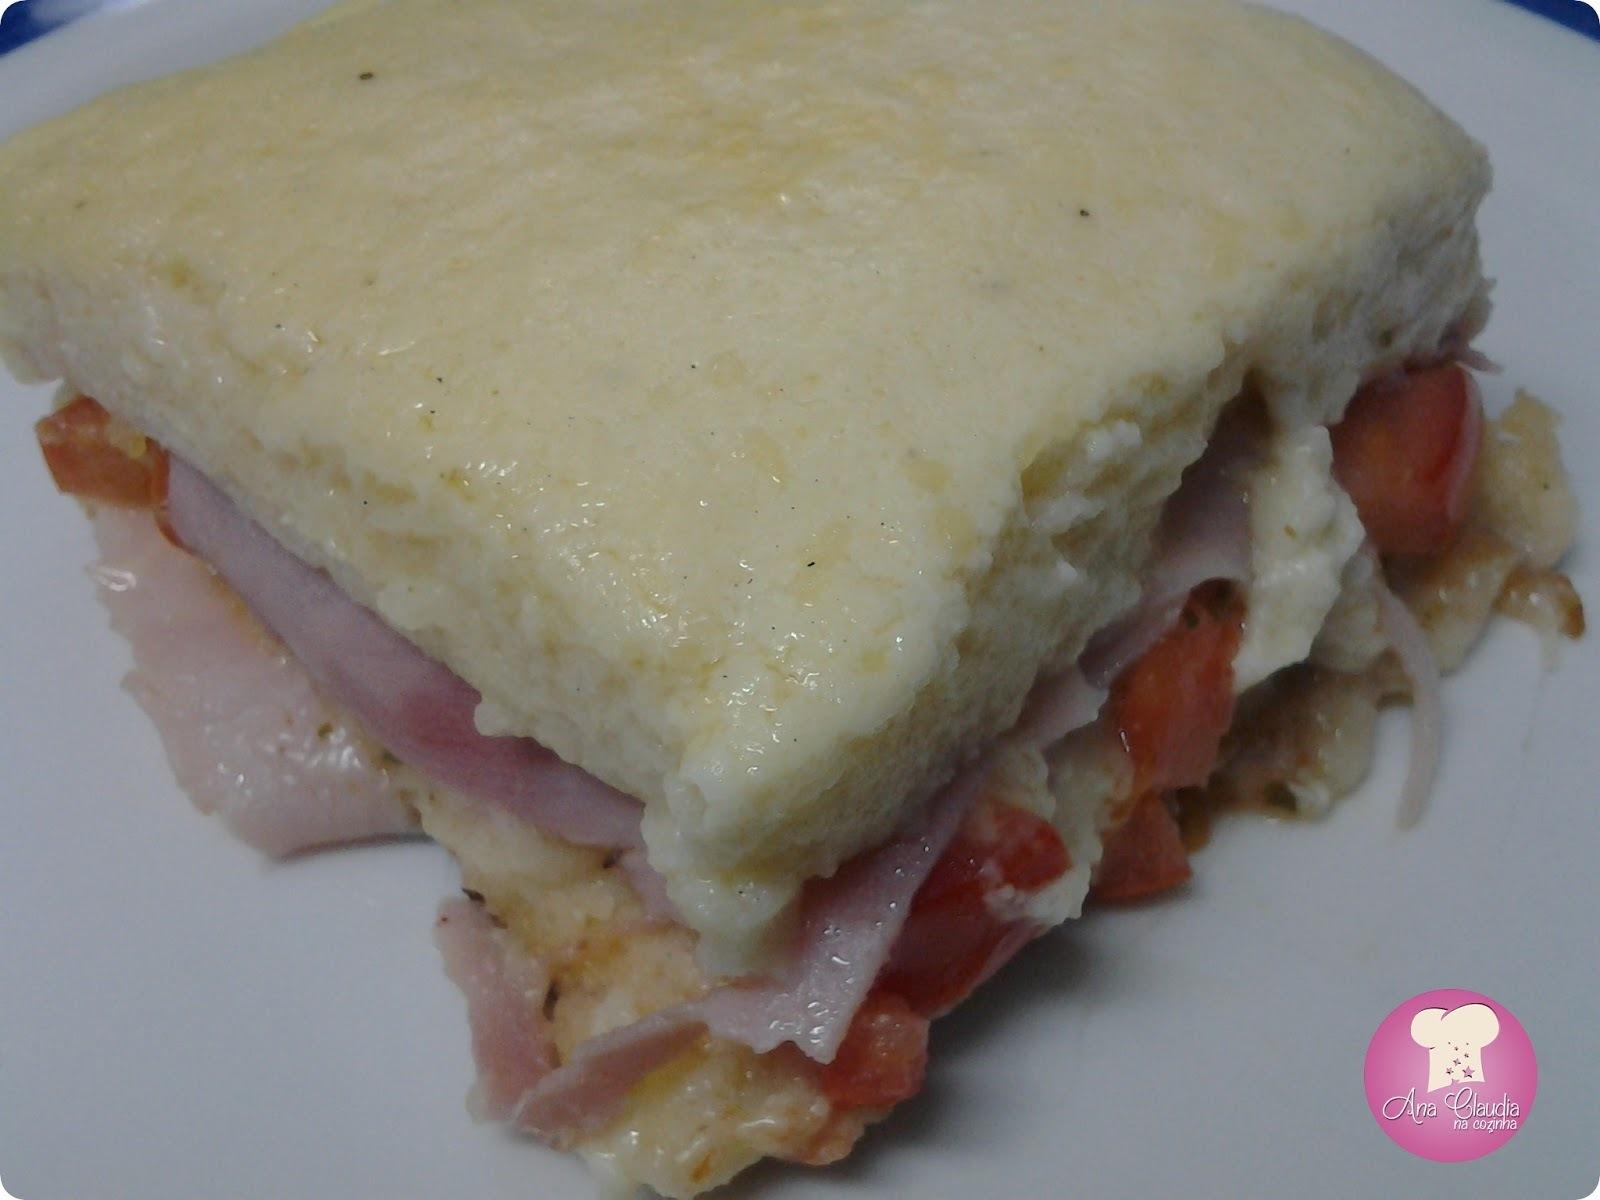 de sanduiches rapidos no forno